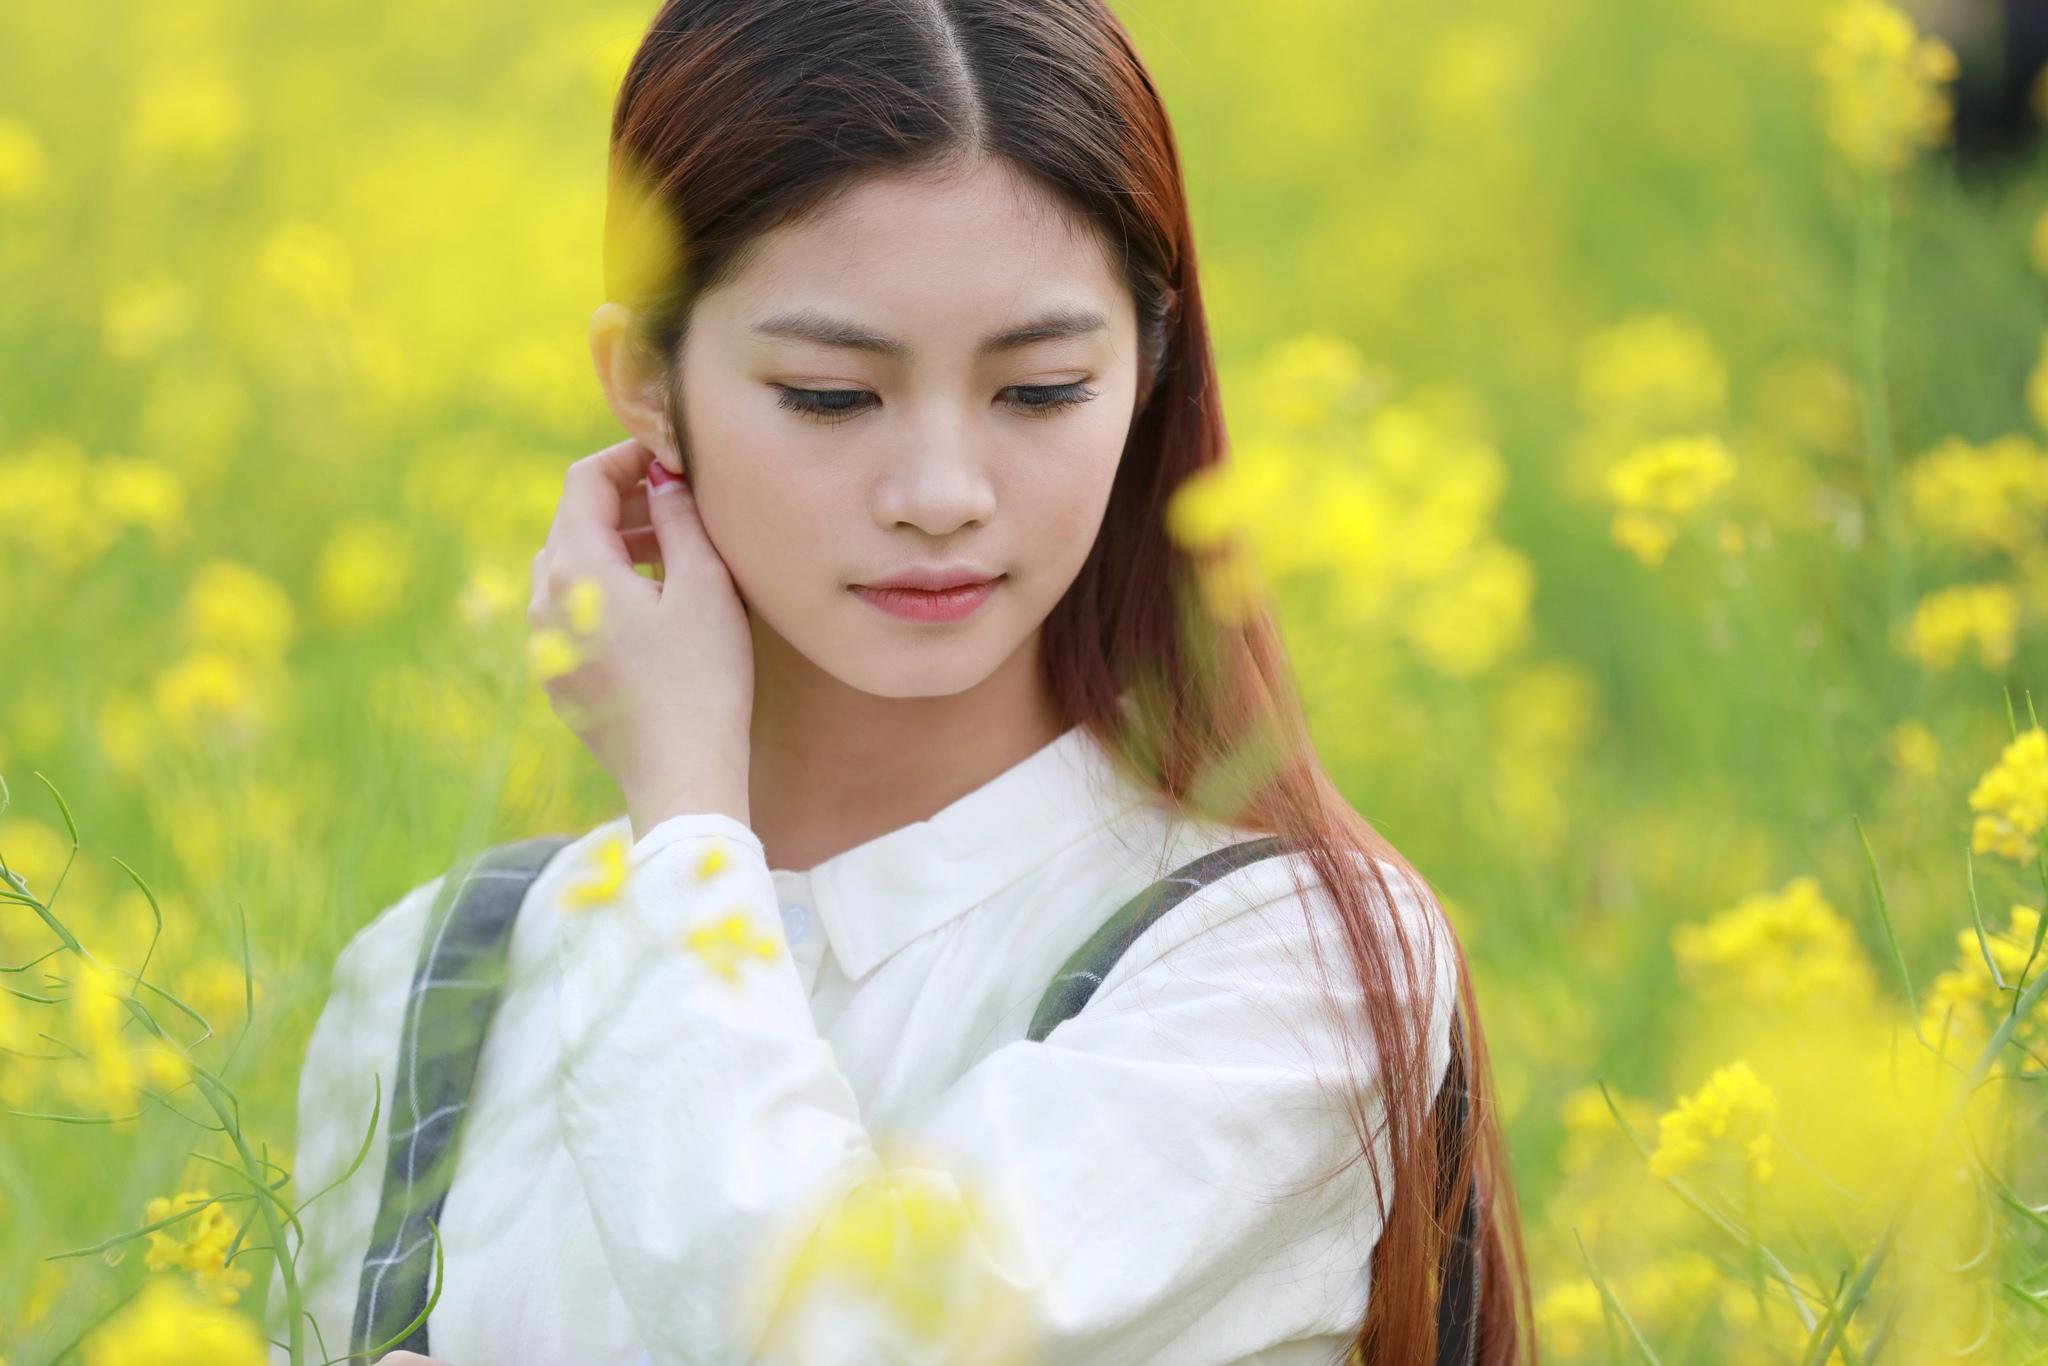 【现代时尚素材篇】一片黄花 樱花开放 - 浪漫人生 - .